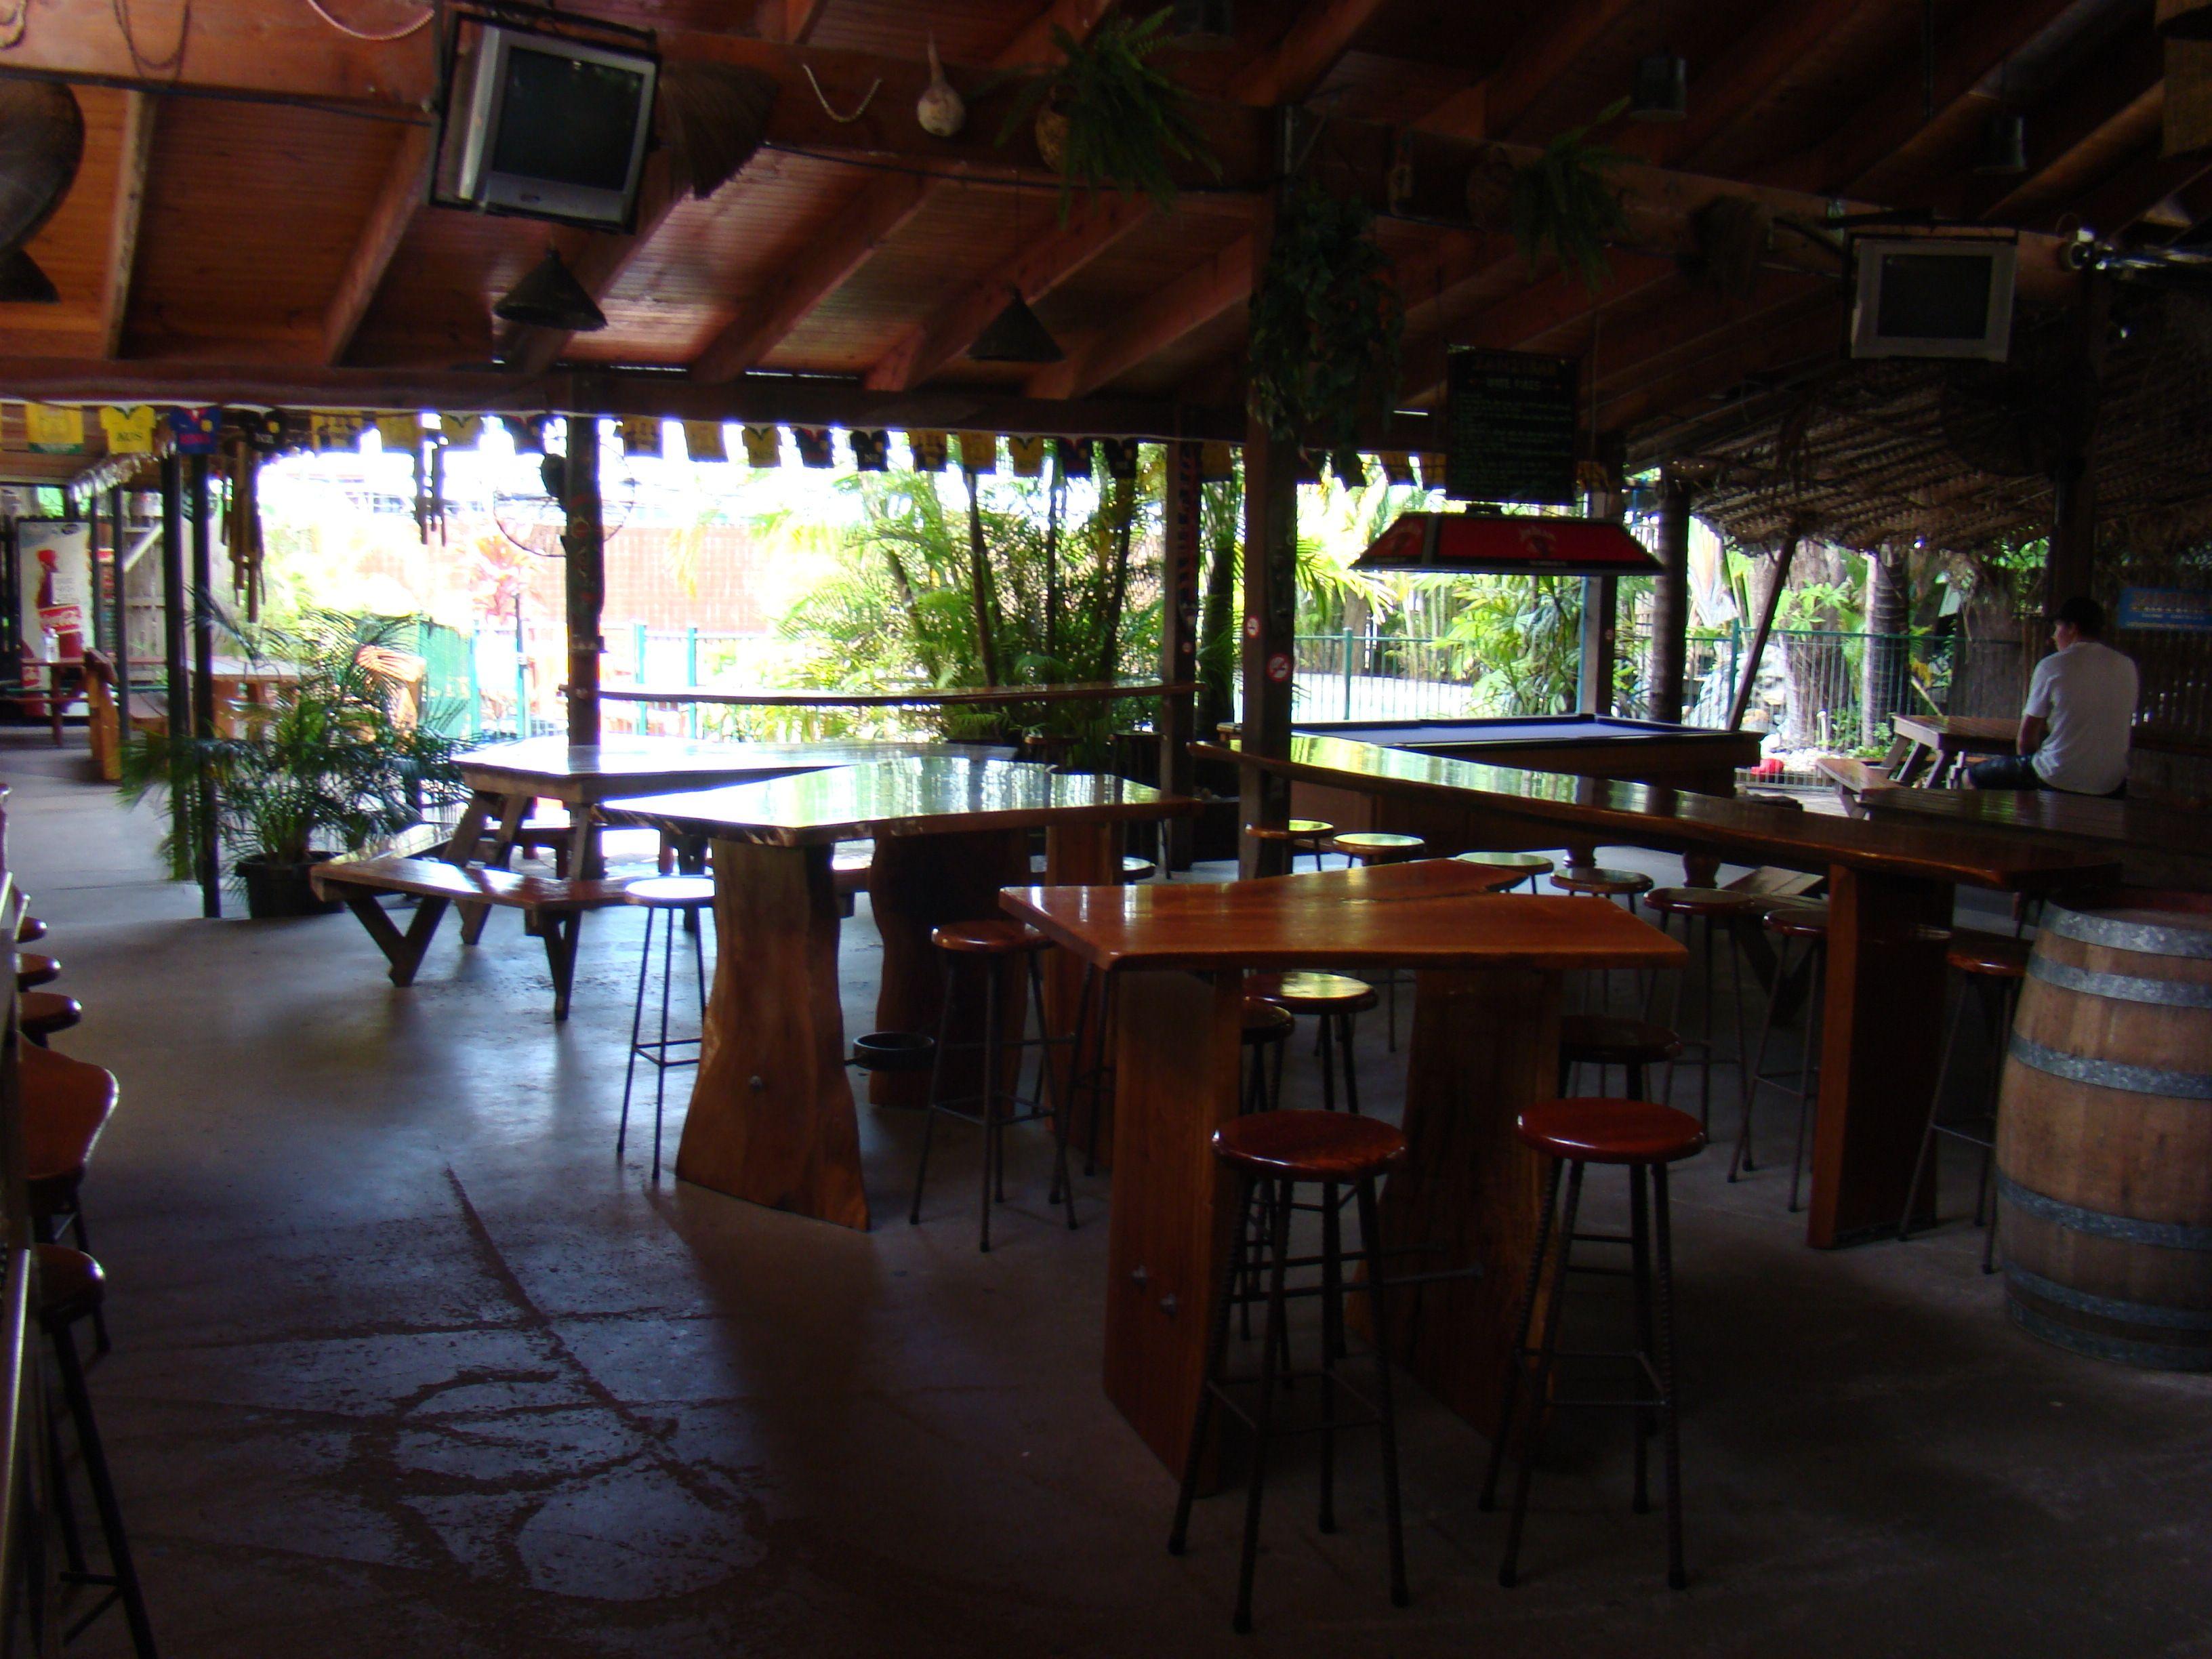 Cairns // Australien - Calypso Inn // Aufenthaltsbereich